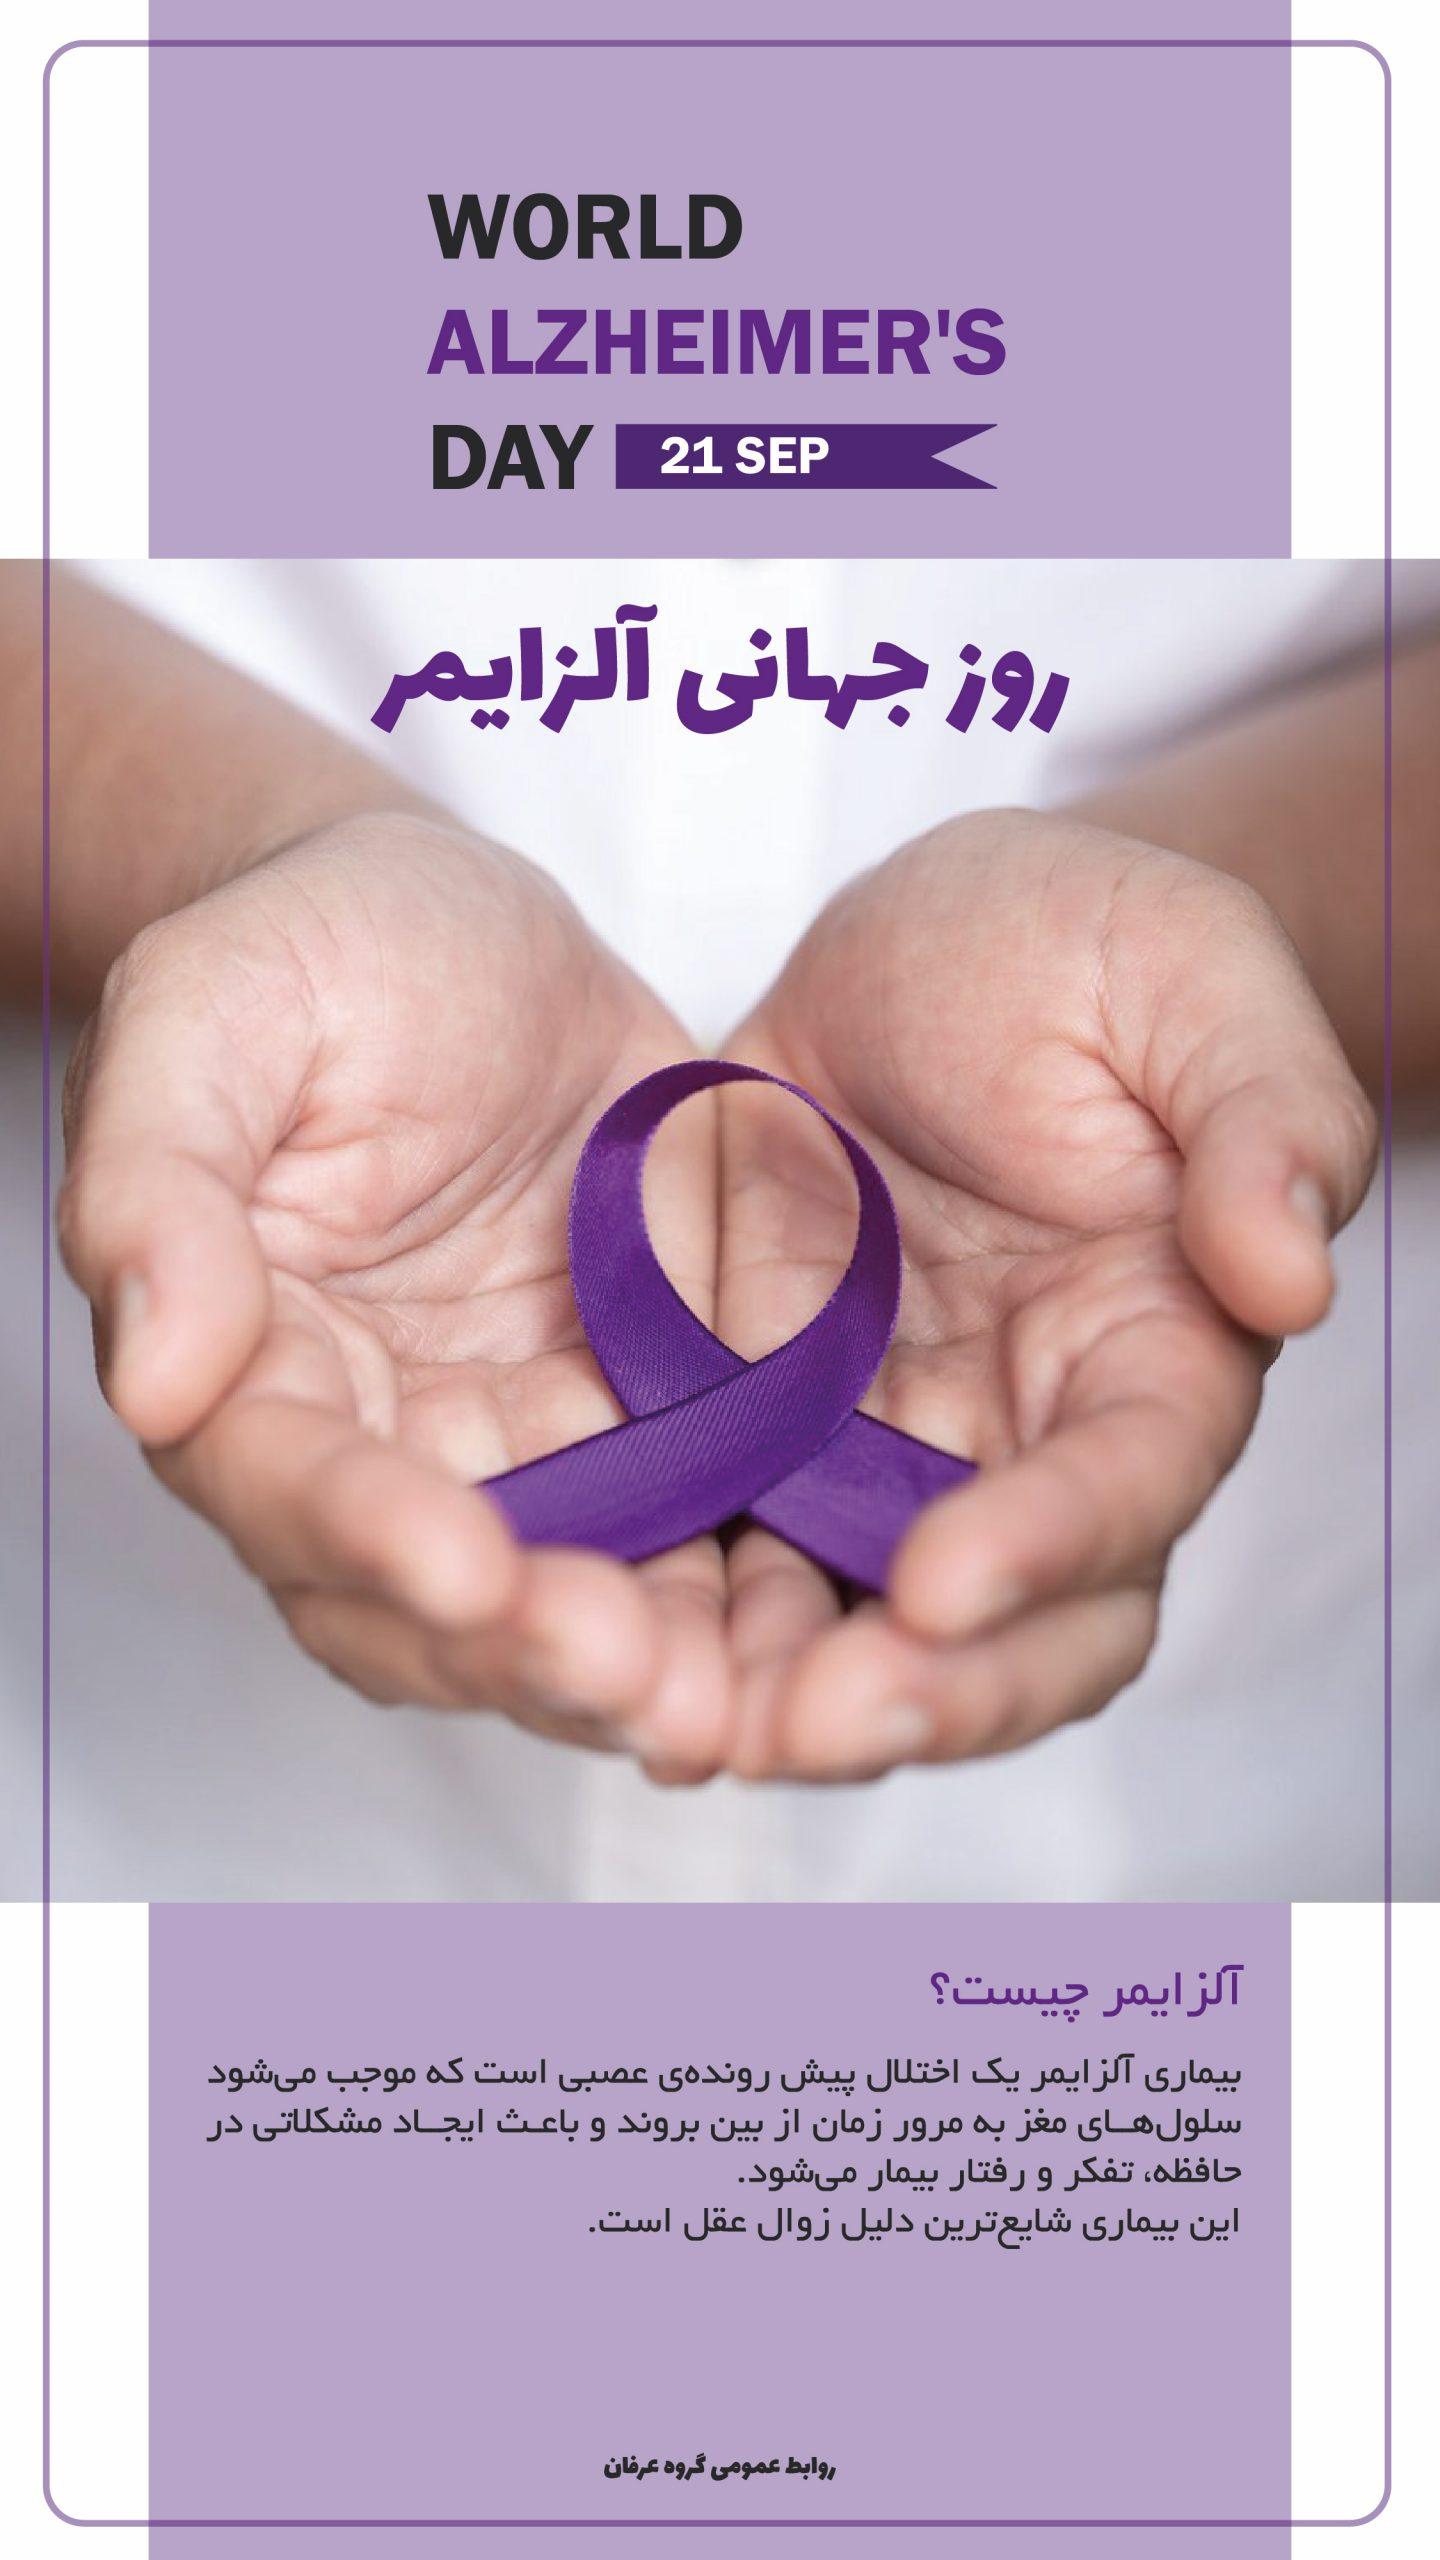 روز جهانی آلزایمر